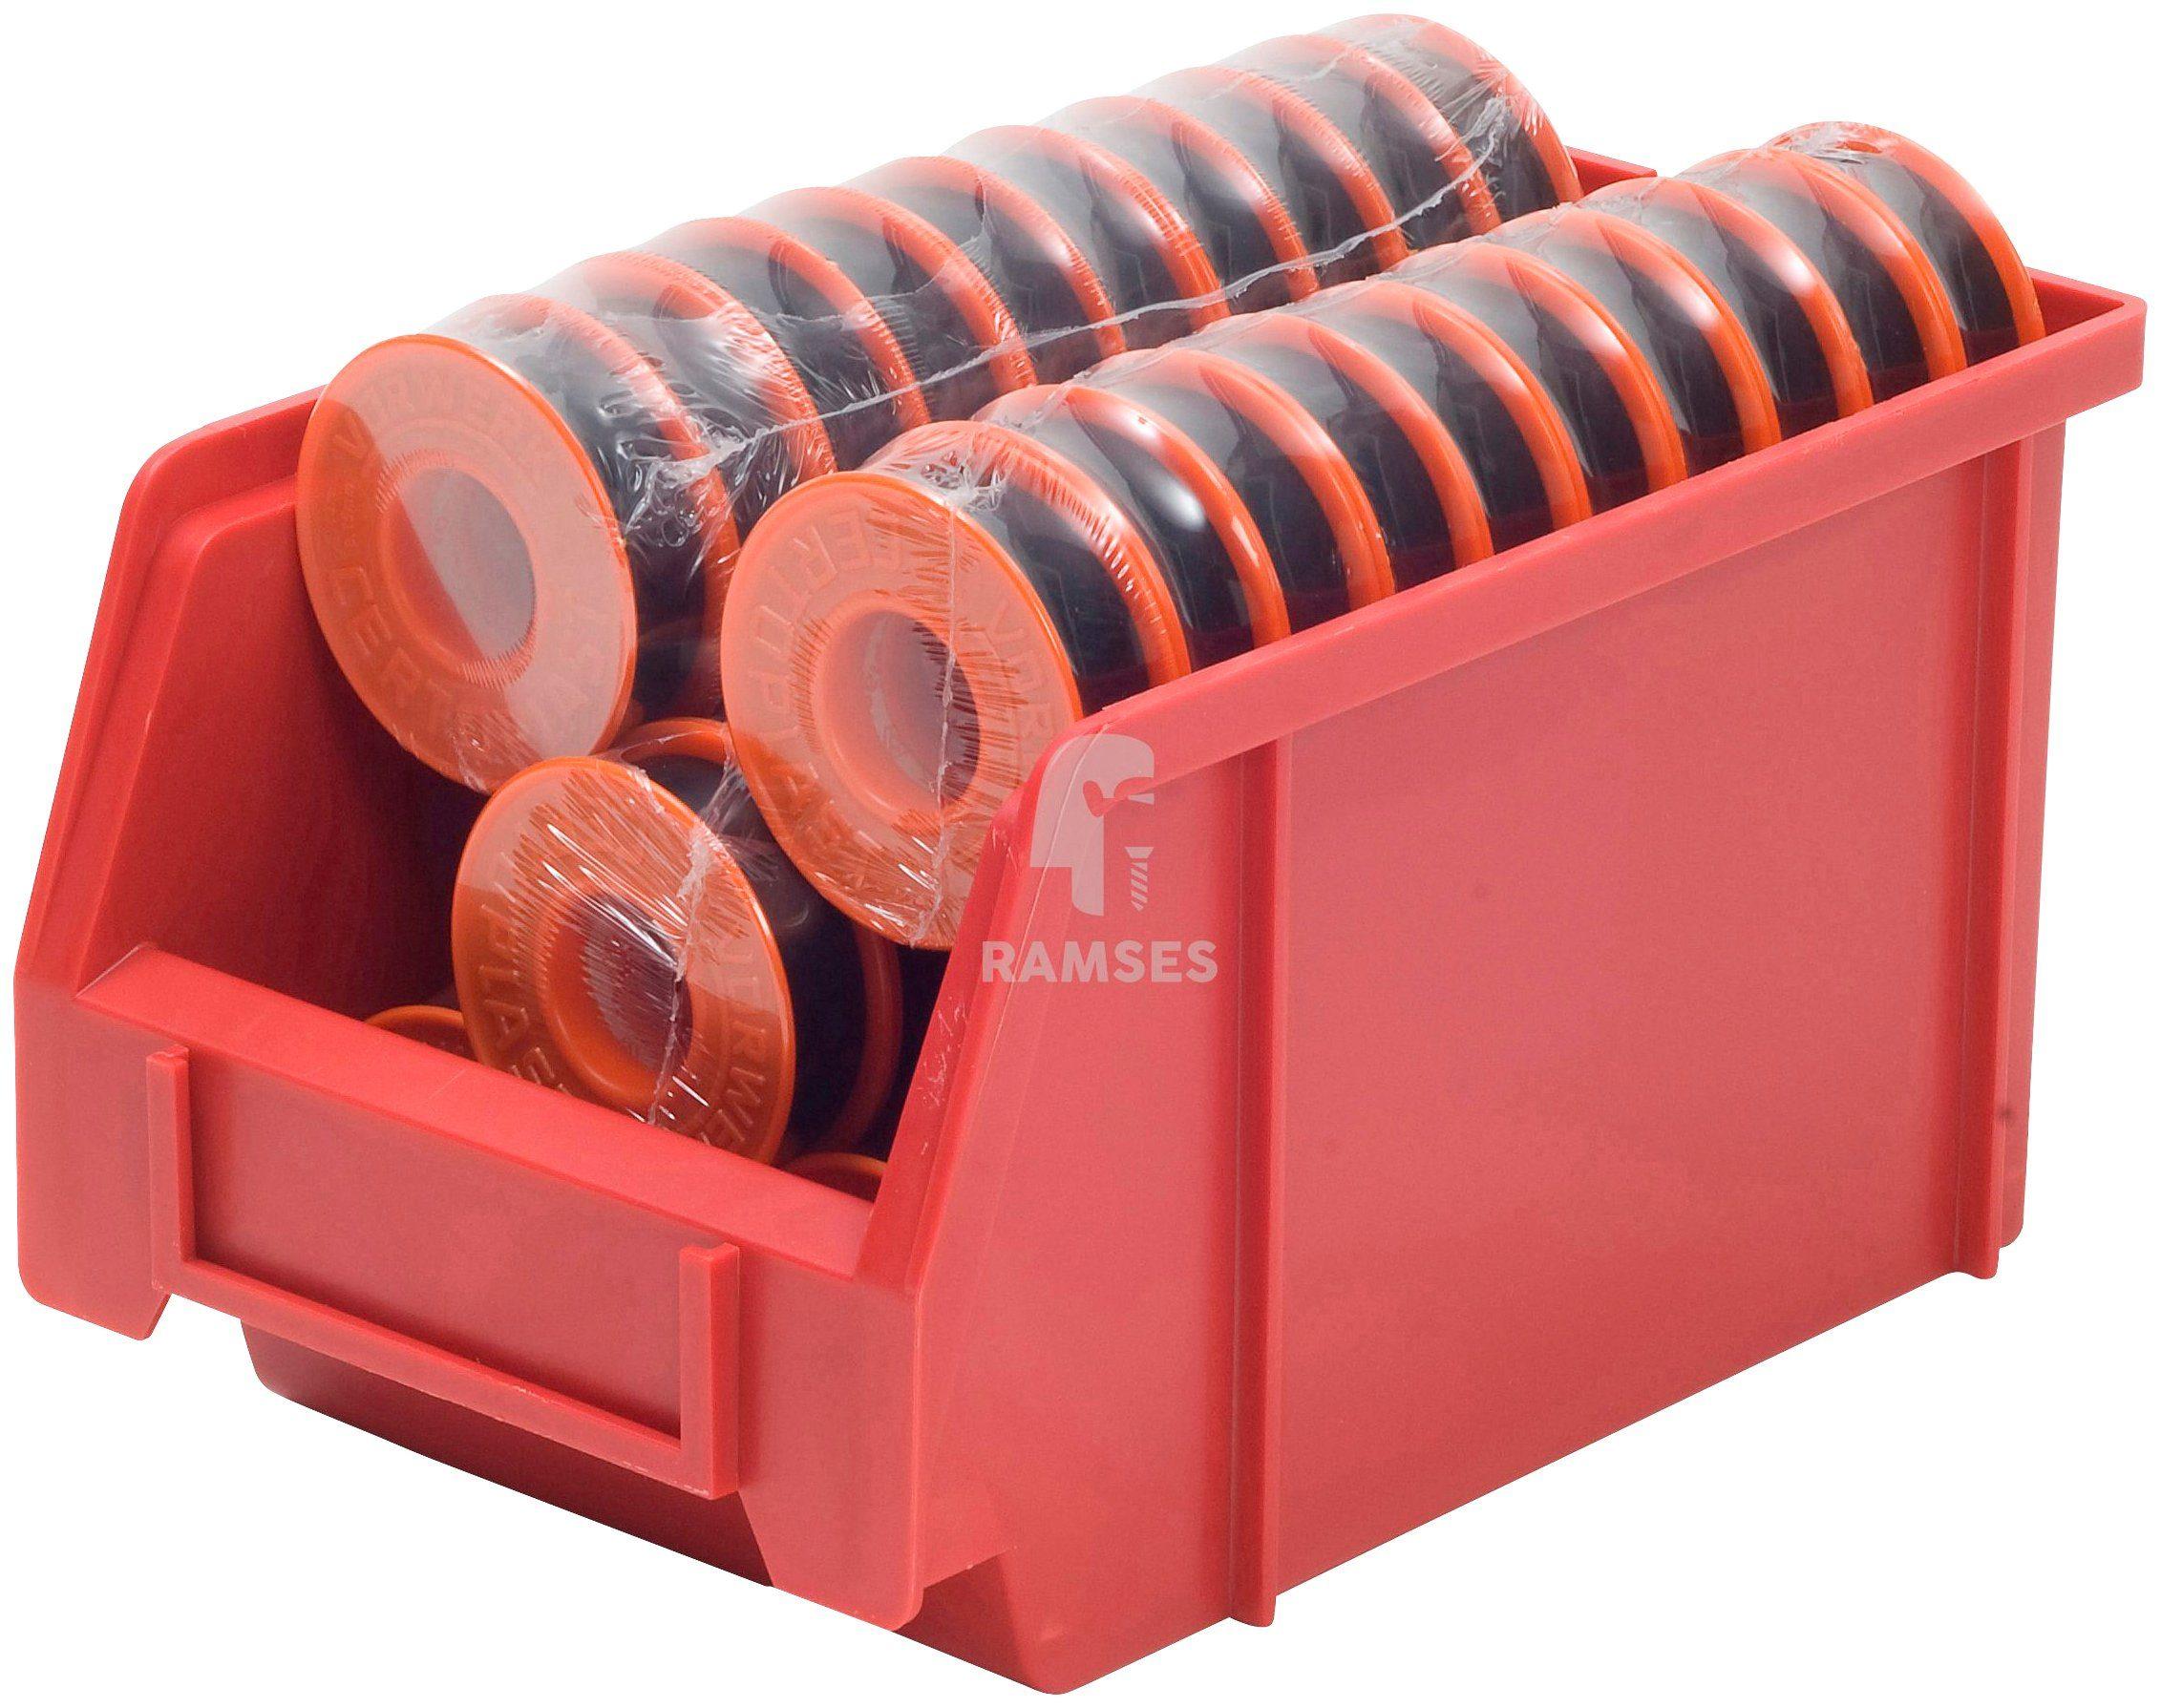 RAMSES Isolierbandsortiment , 50 Rollen á 15 mm 10 Meter